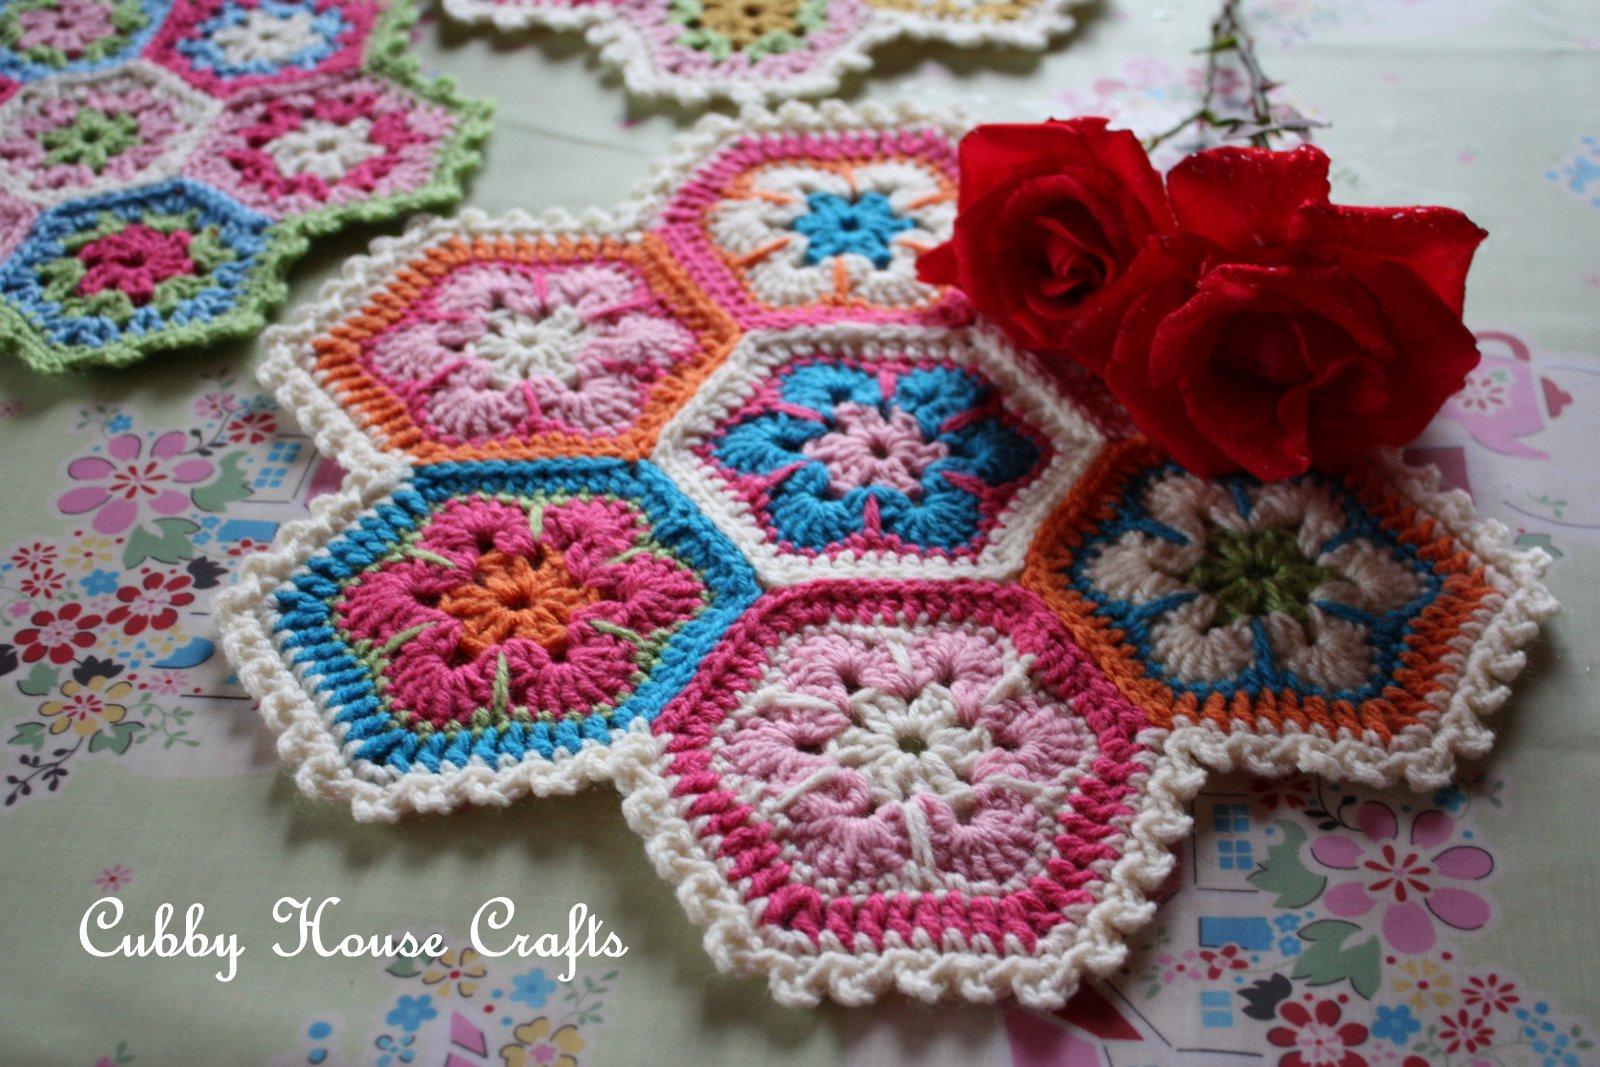 African Flower Crochet Pattern Half : Cubby House Crafts: Crochet African Flower Hexagon